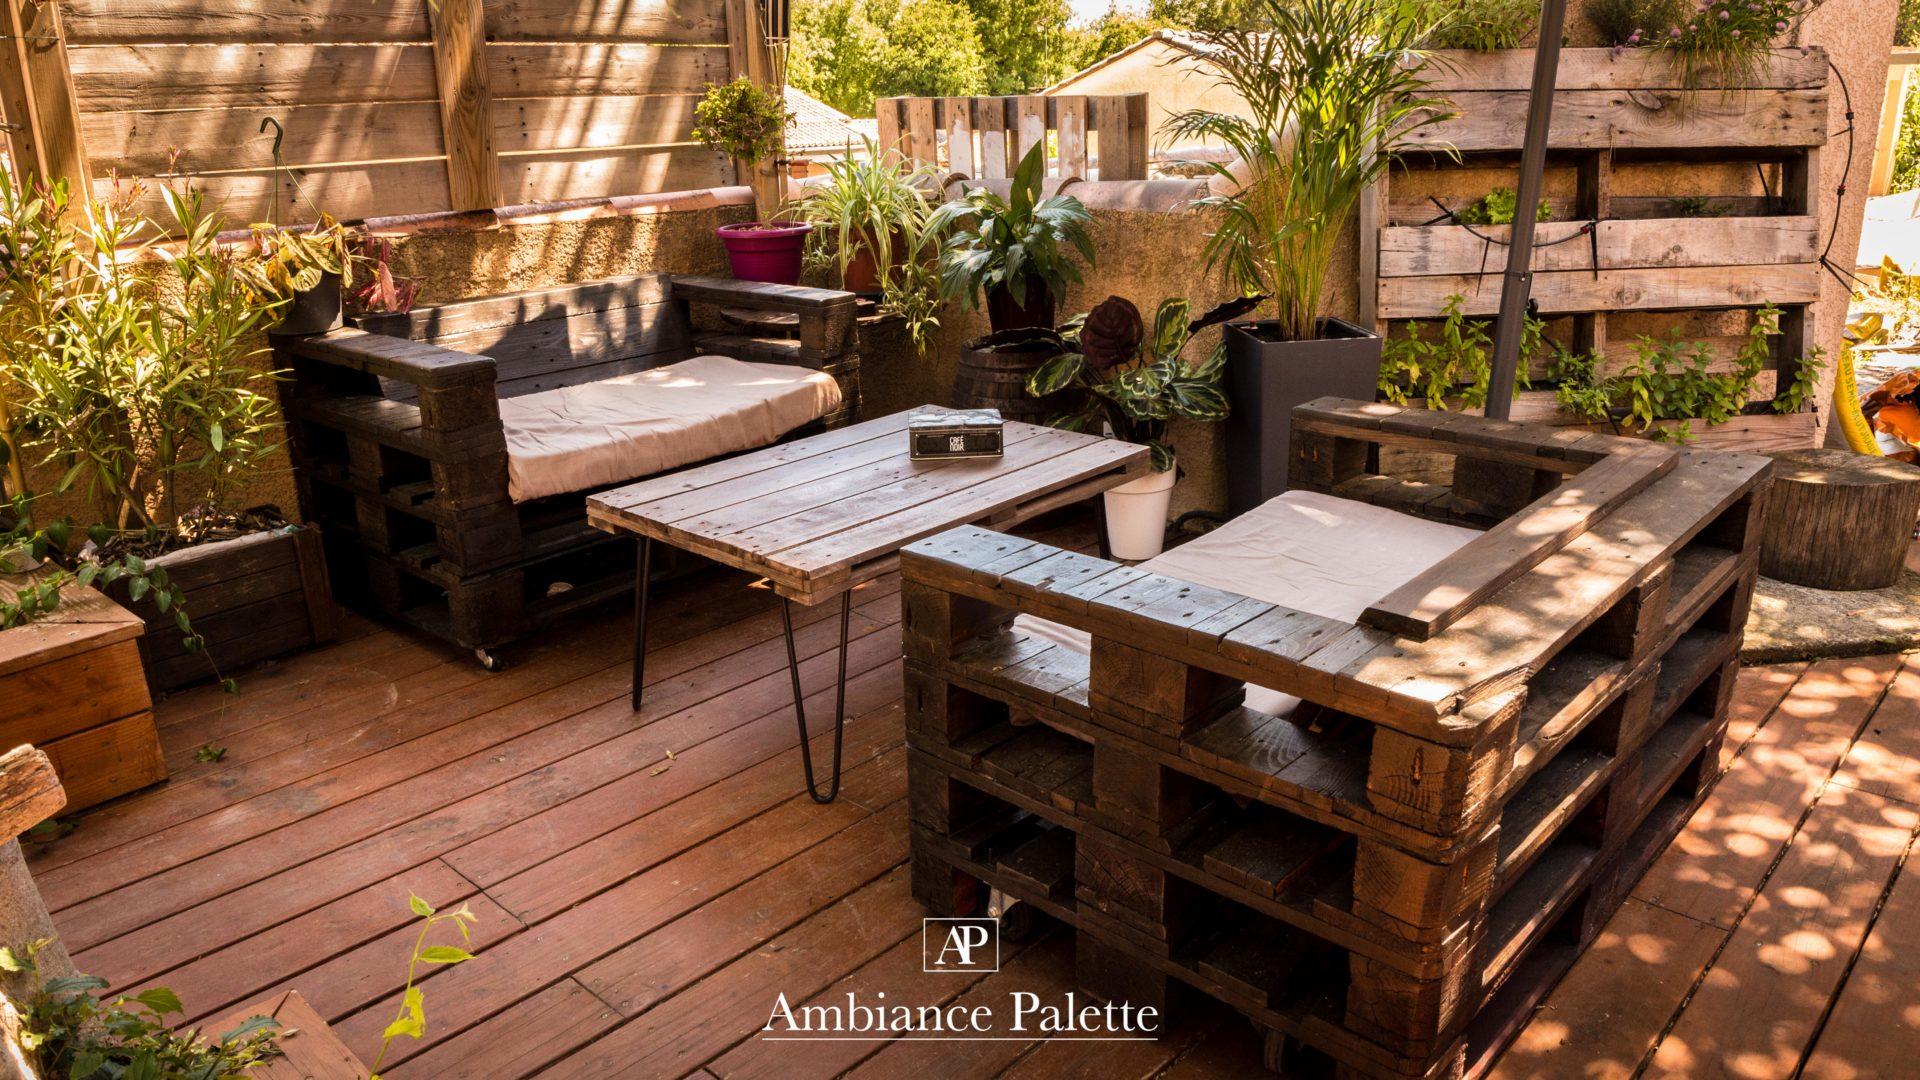 Salon de jardin #1 - Ambiance-Palette